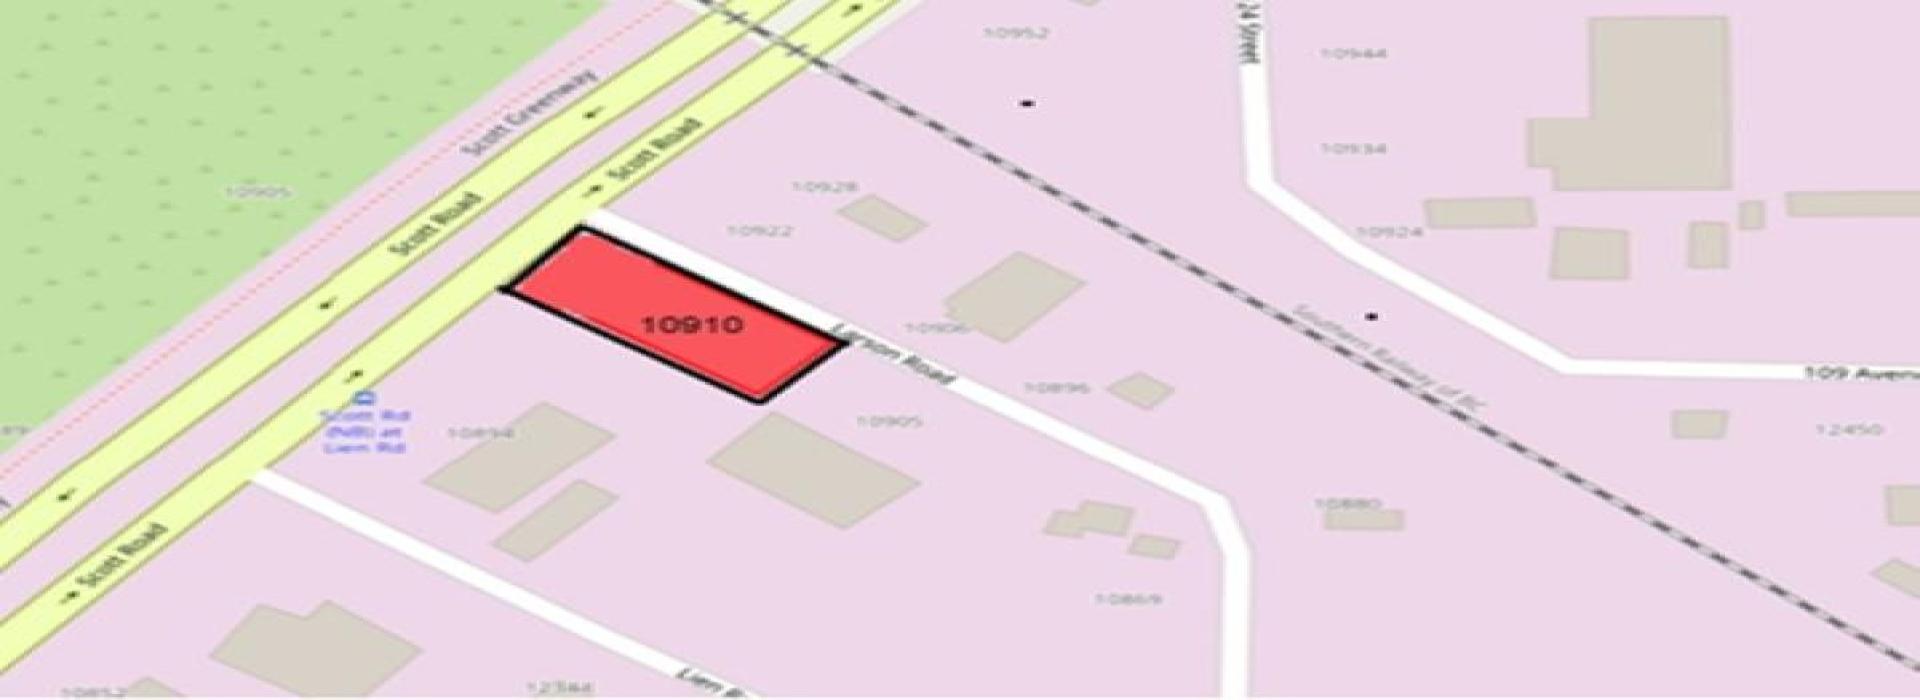 10910 SCOTT ROAD, Surrey, BC V3V 4G9, Land commercial, For sale, 10910 SCOTT ROAD, C8032879